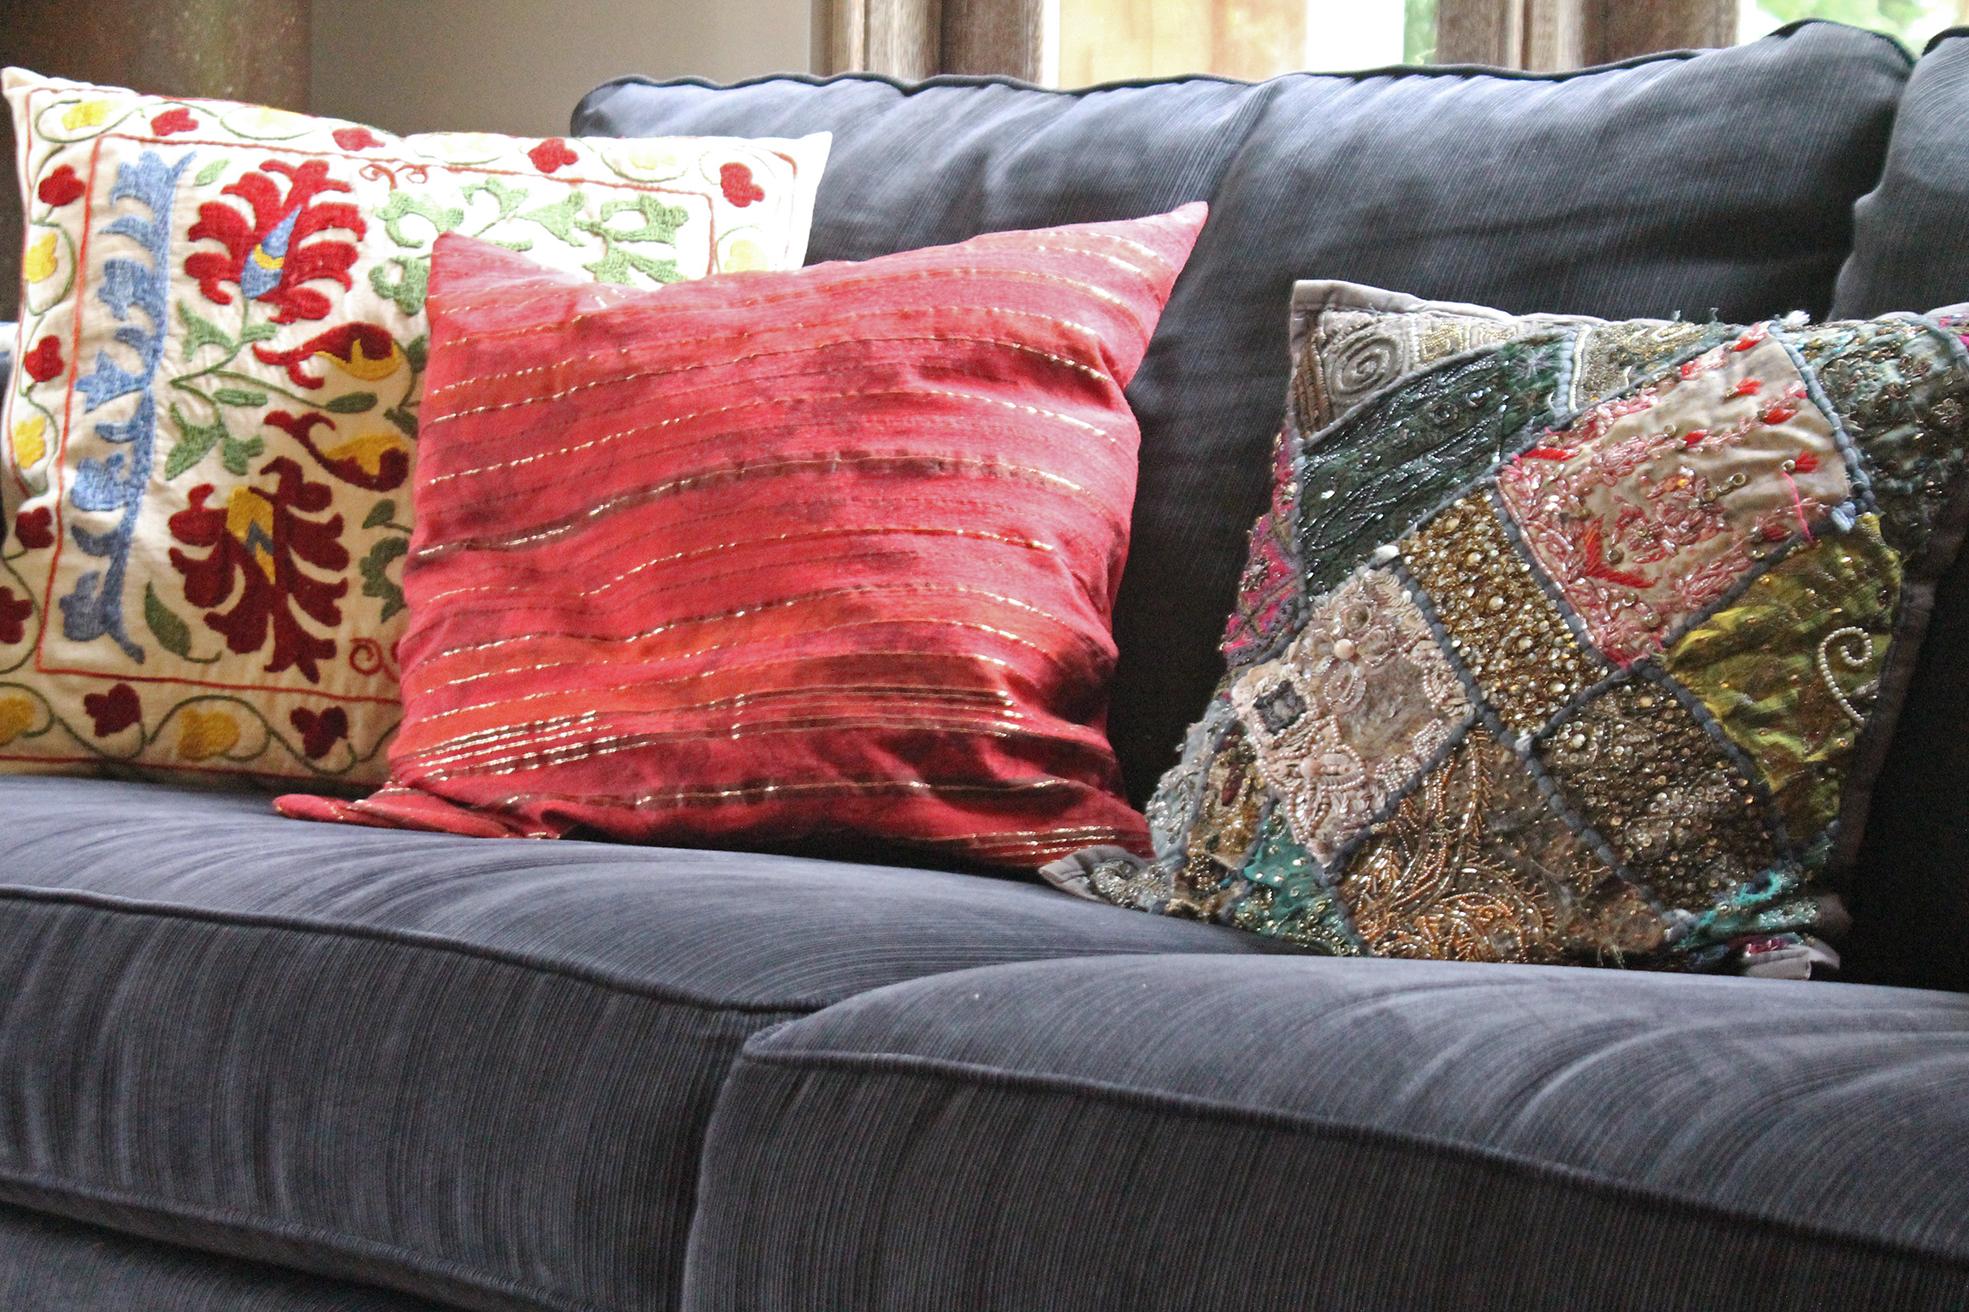 Padu padan cushion cover dari kiri ke kanan : pattern besar, pattern kecil (samar, sekilas tampak seperti warna solid), pattern medium yang penuh. Bermain dengan latar sofa dark blue polos.